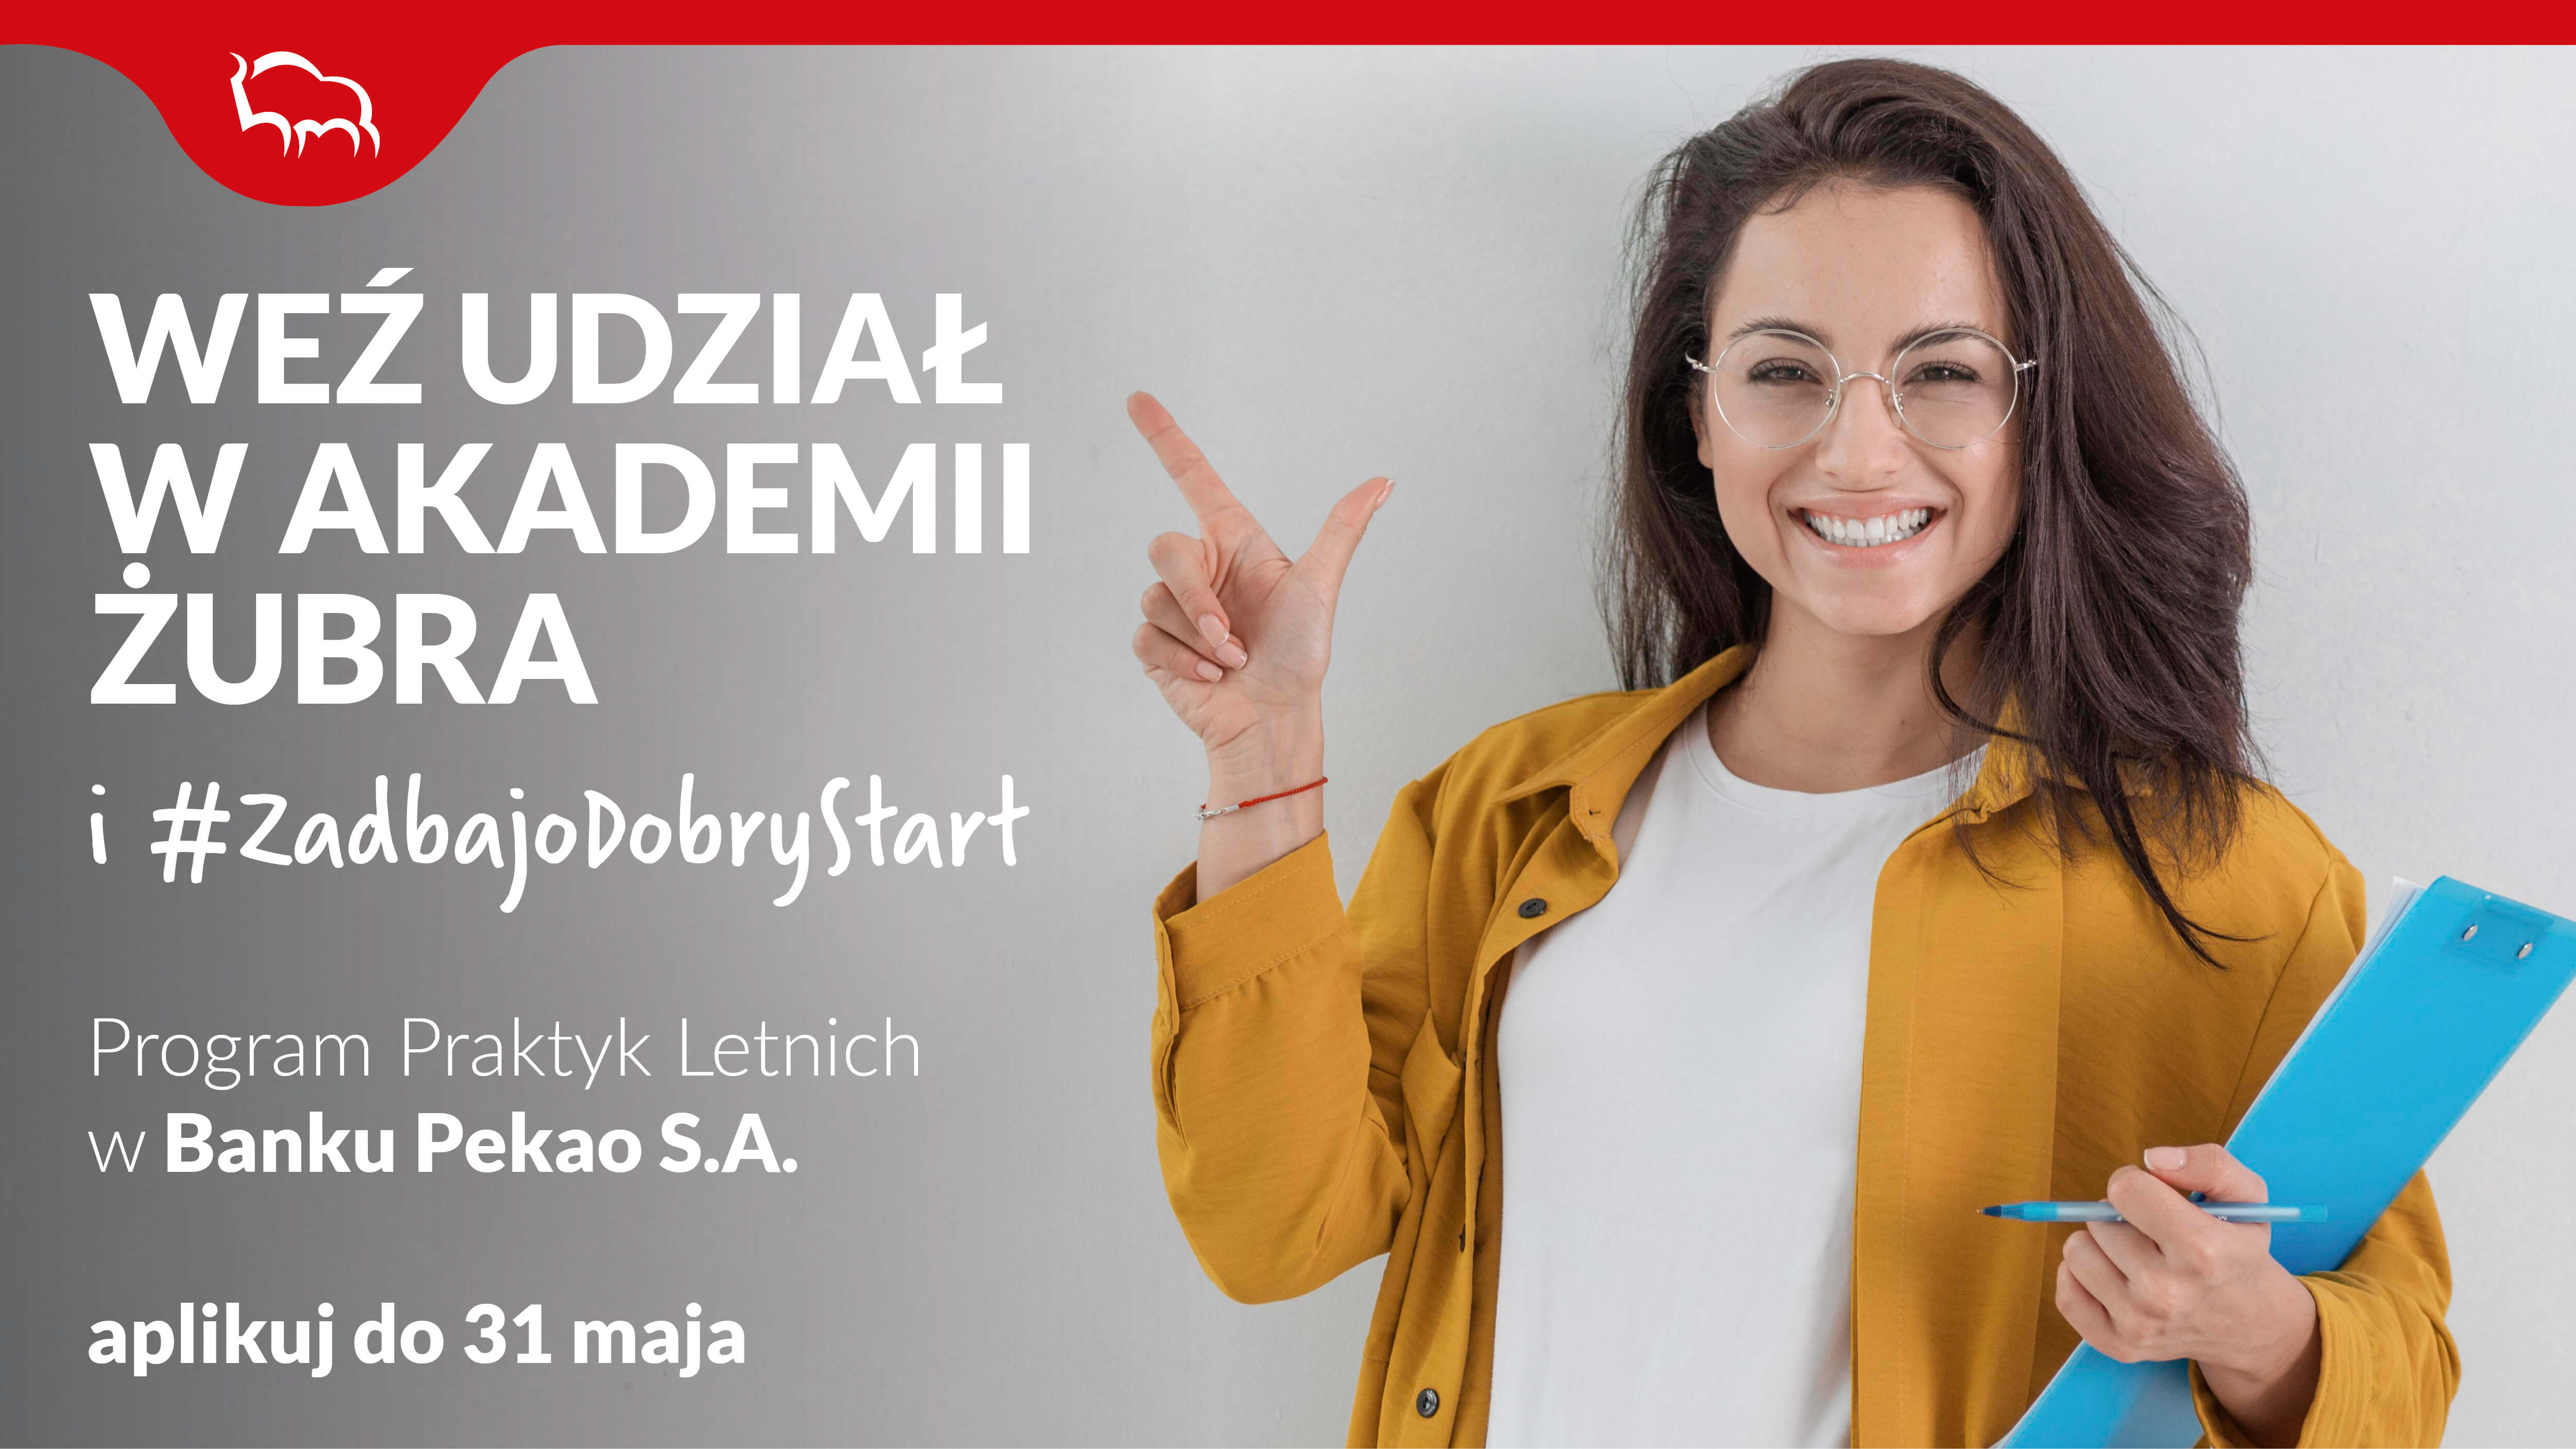 Bank Pekao S.A.  uruchamia rekrutację do Programu Praktyk Letnich – Akademia Żubra